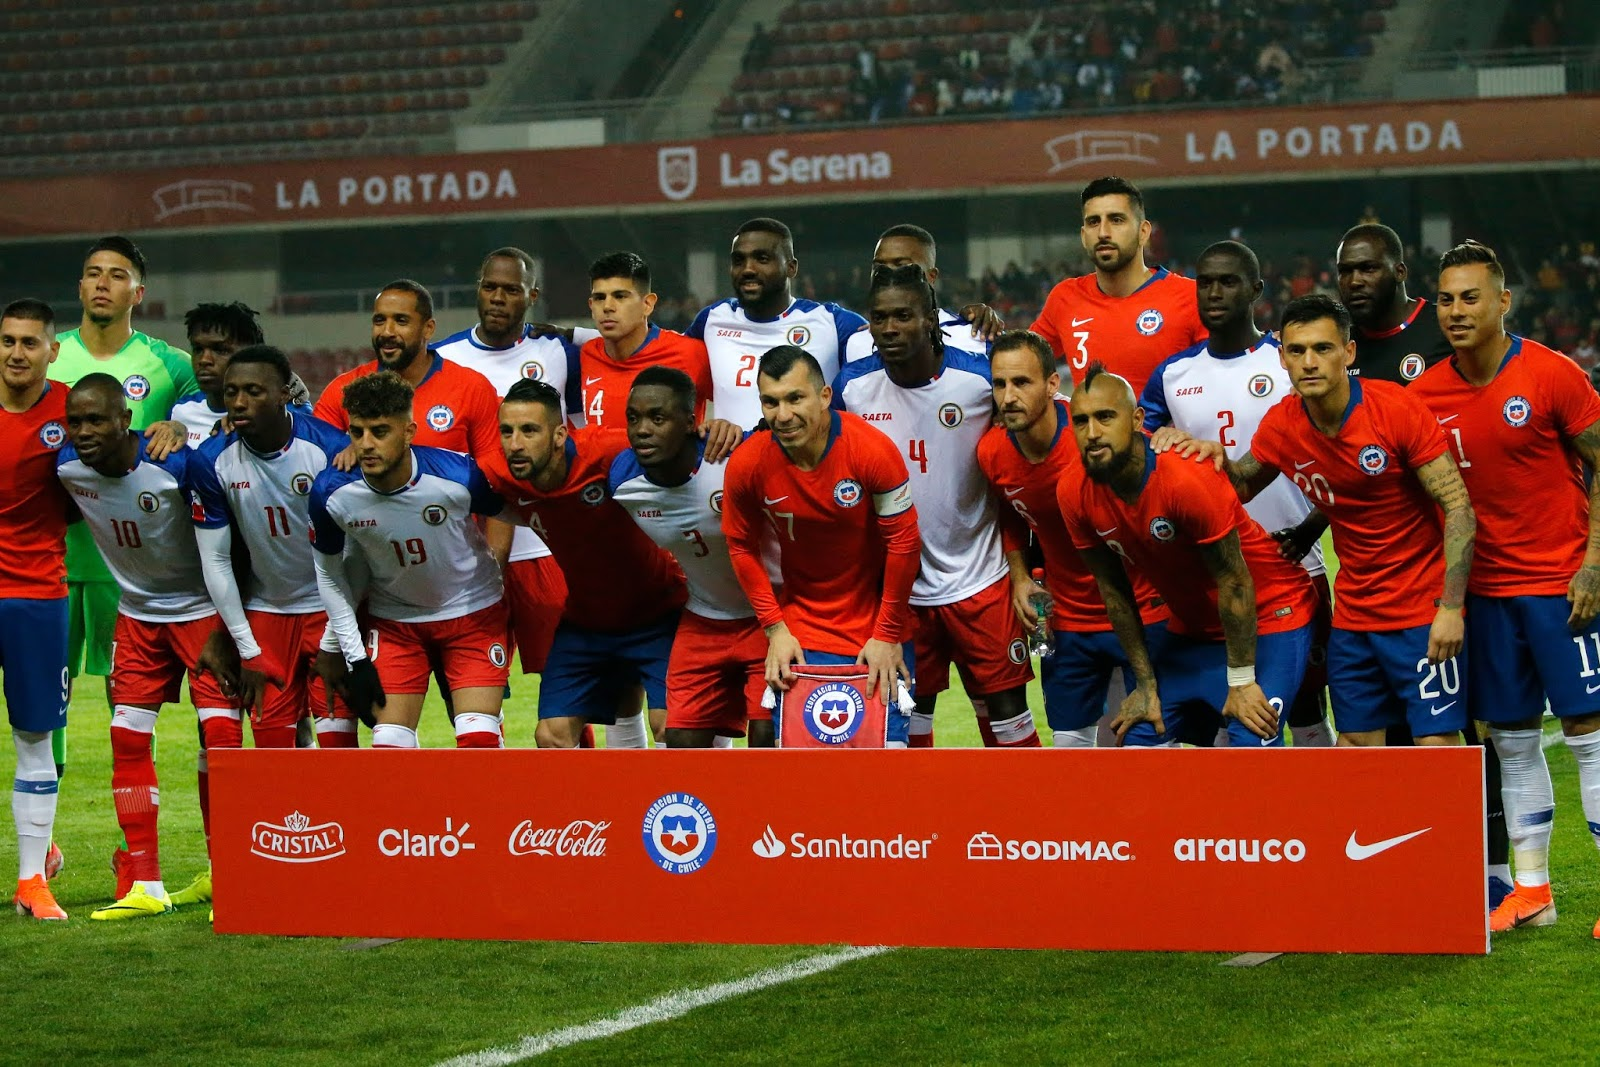 Titulares de selecciones de Chile y Haití, amistoso disputado el 6 de junio de 2019